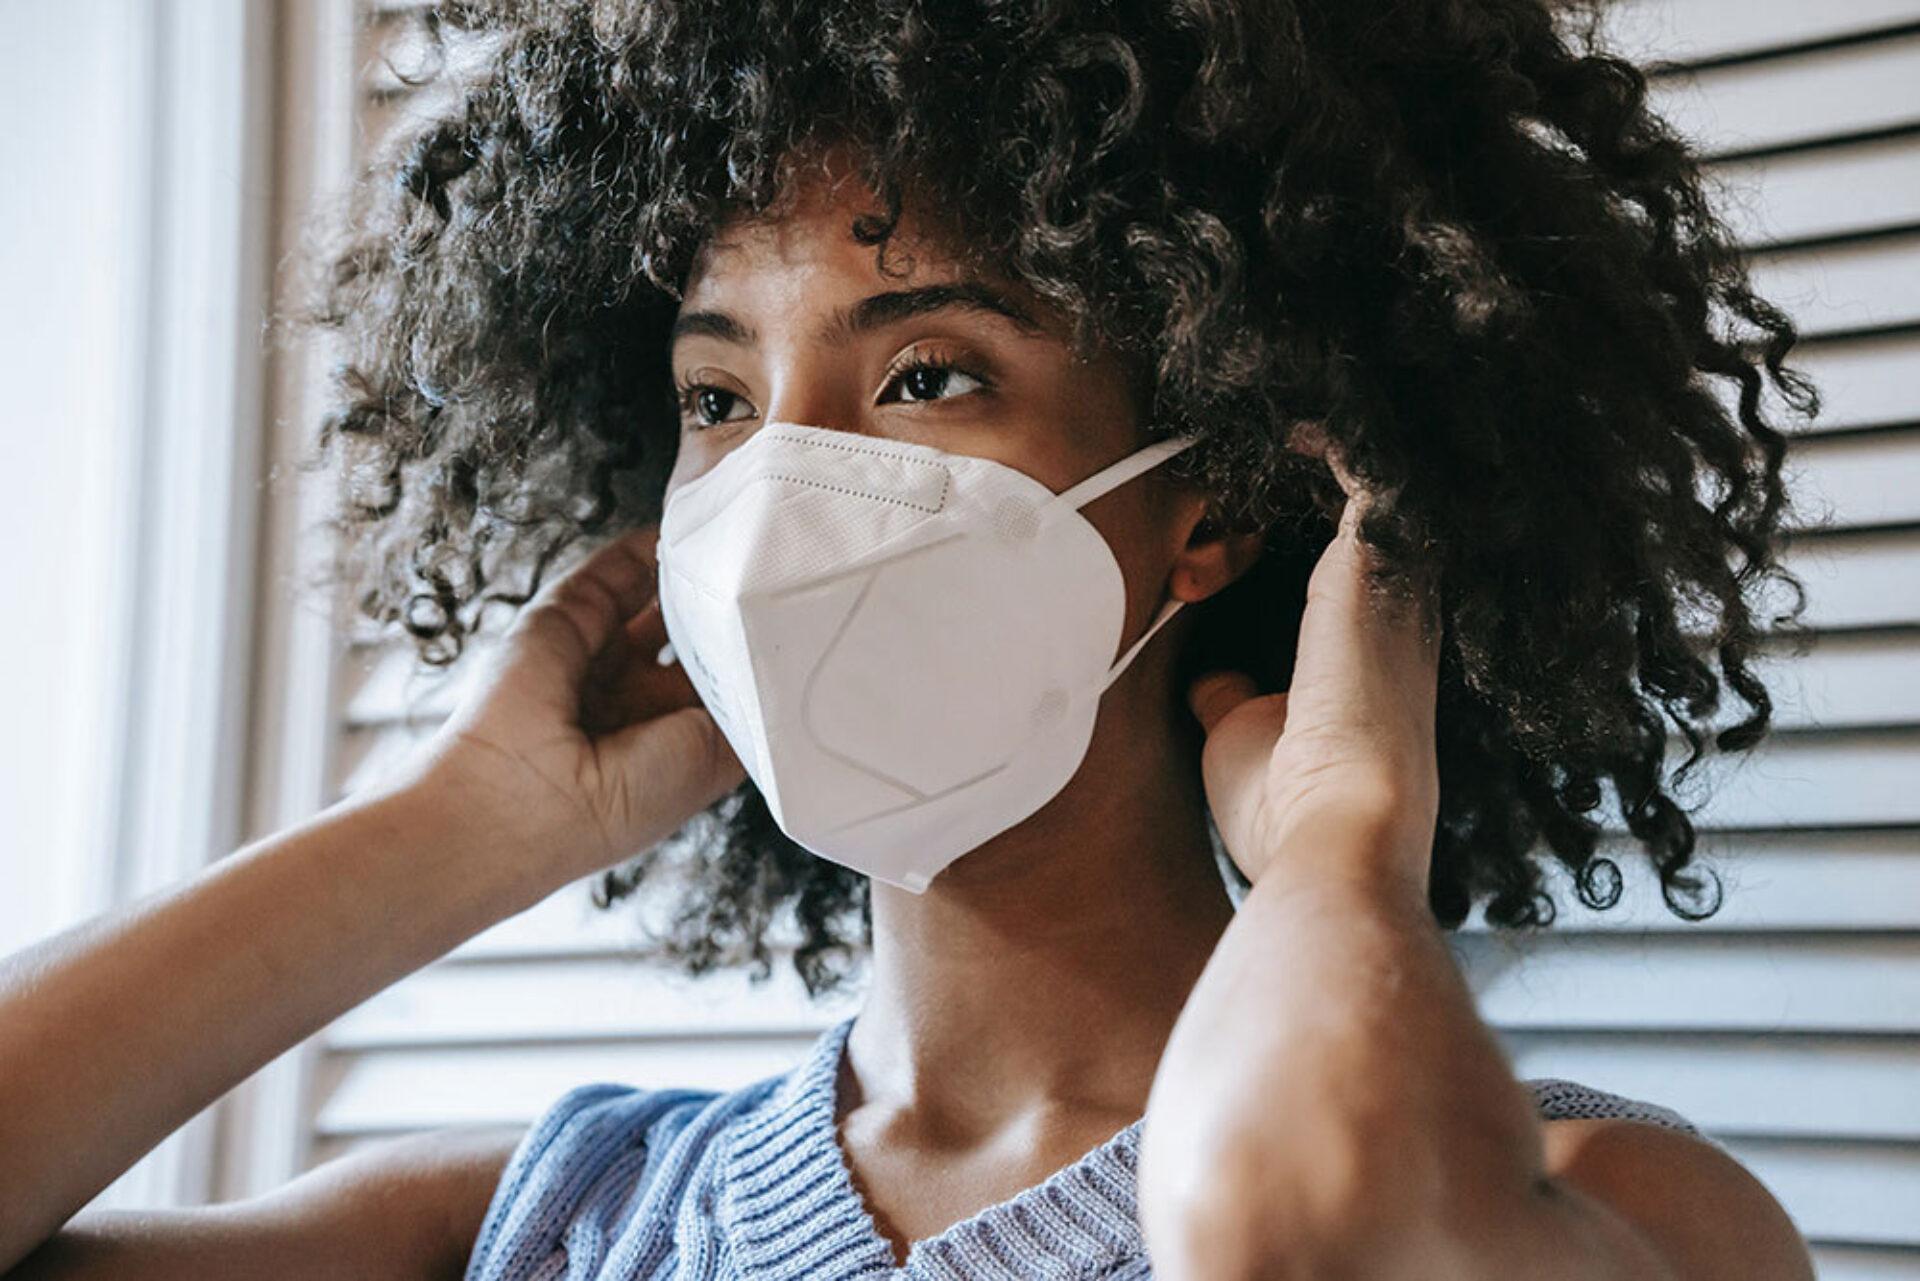 Waarom de mondkapjesplicht per direct afgeschaft moet worden